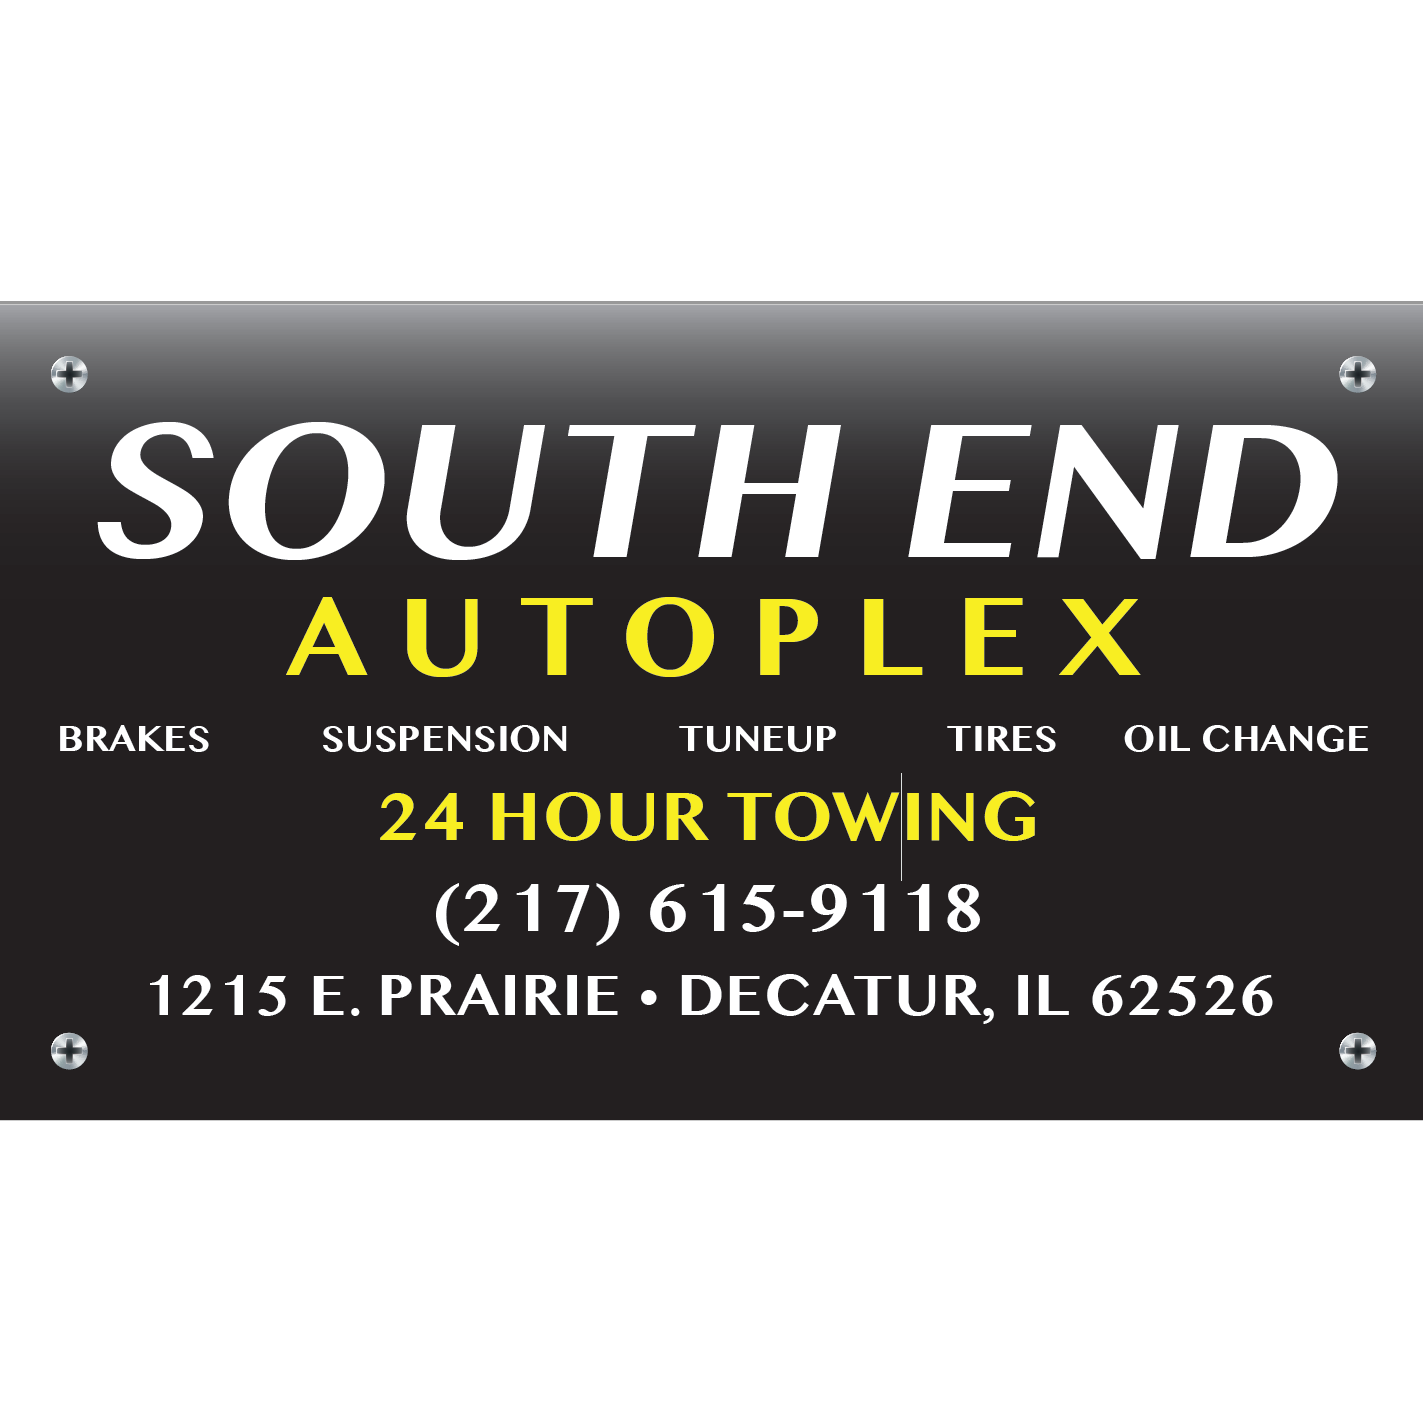 South End Autoplex